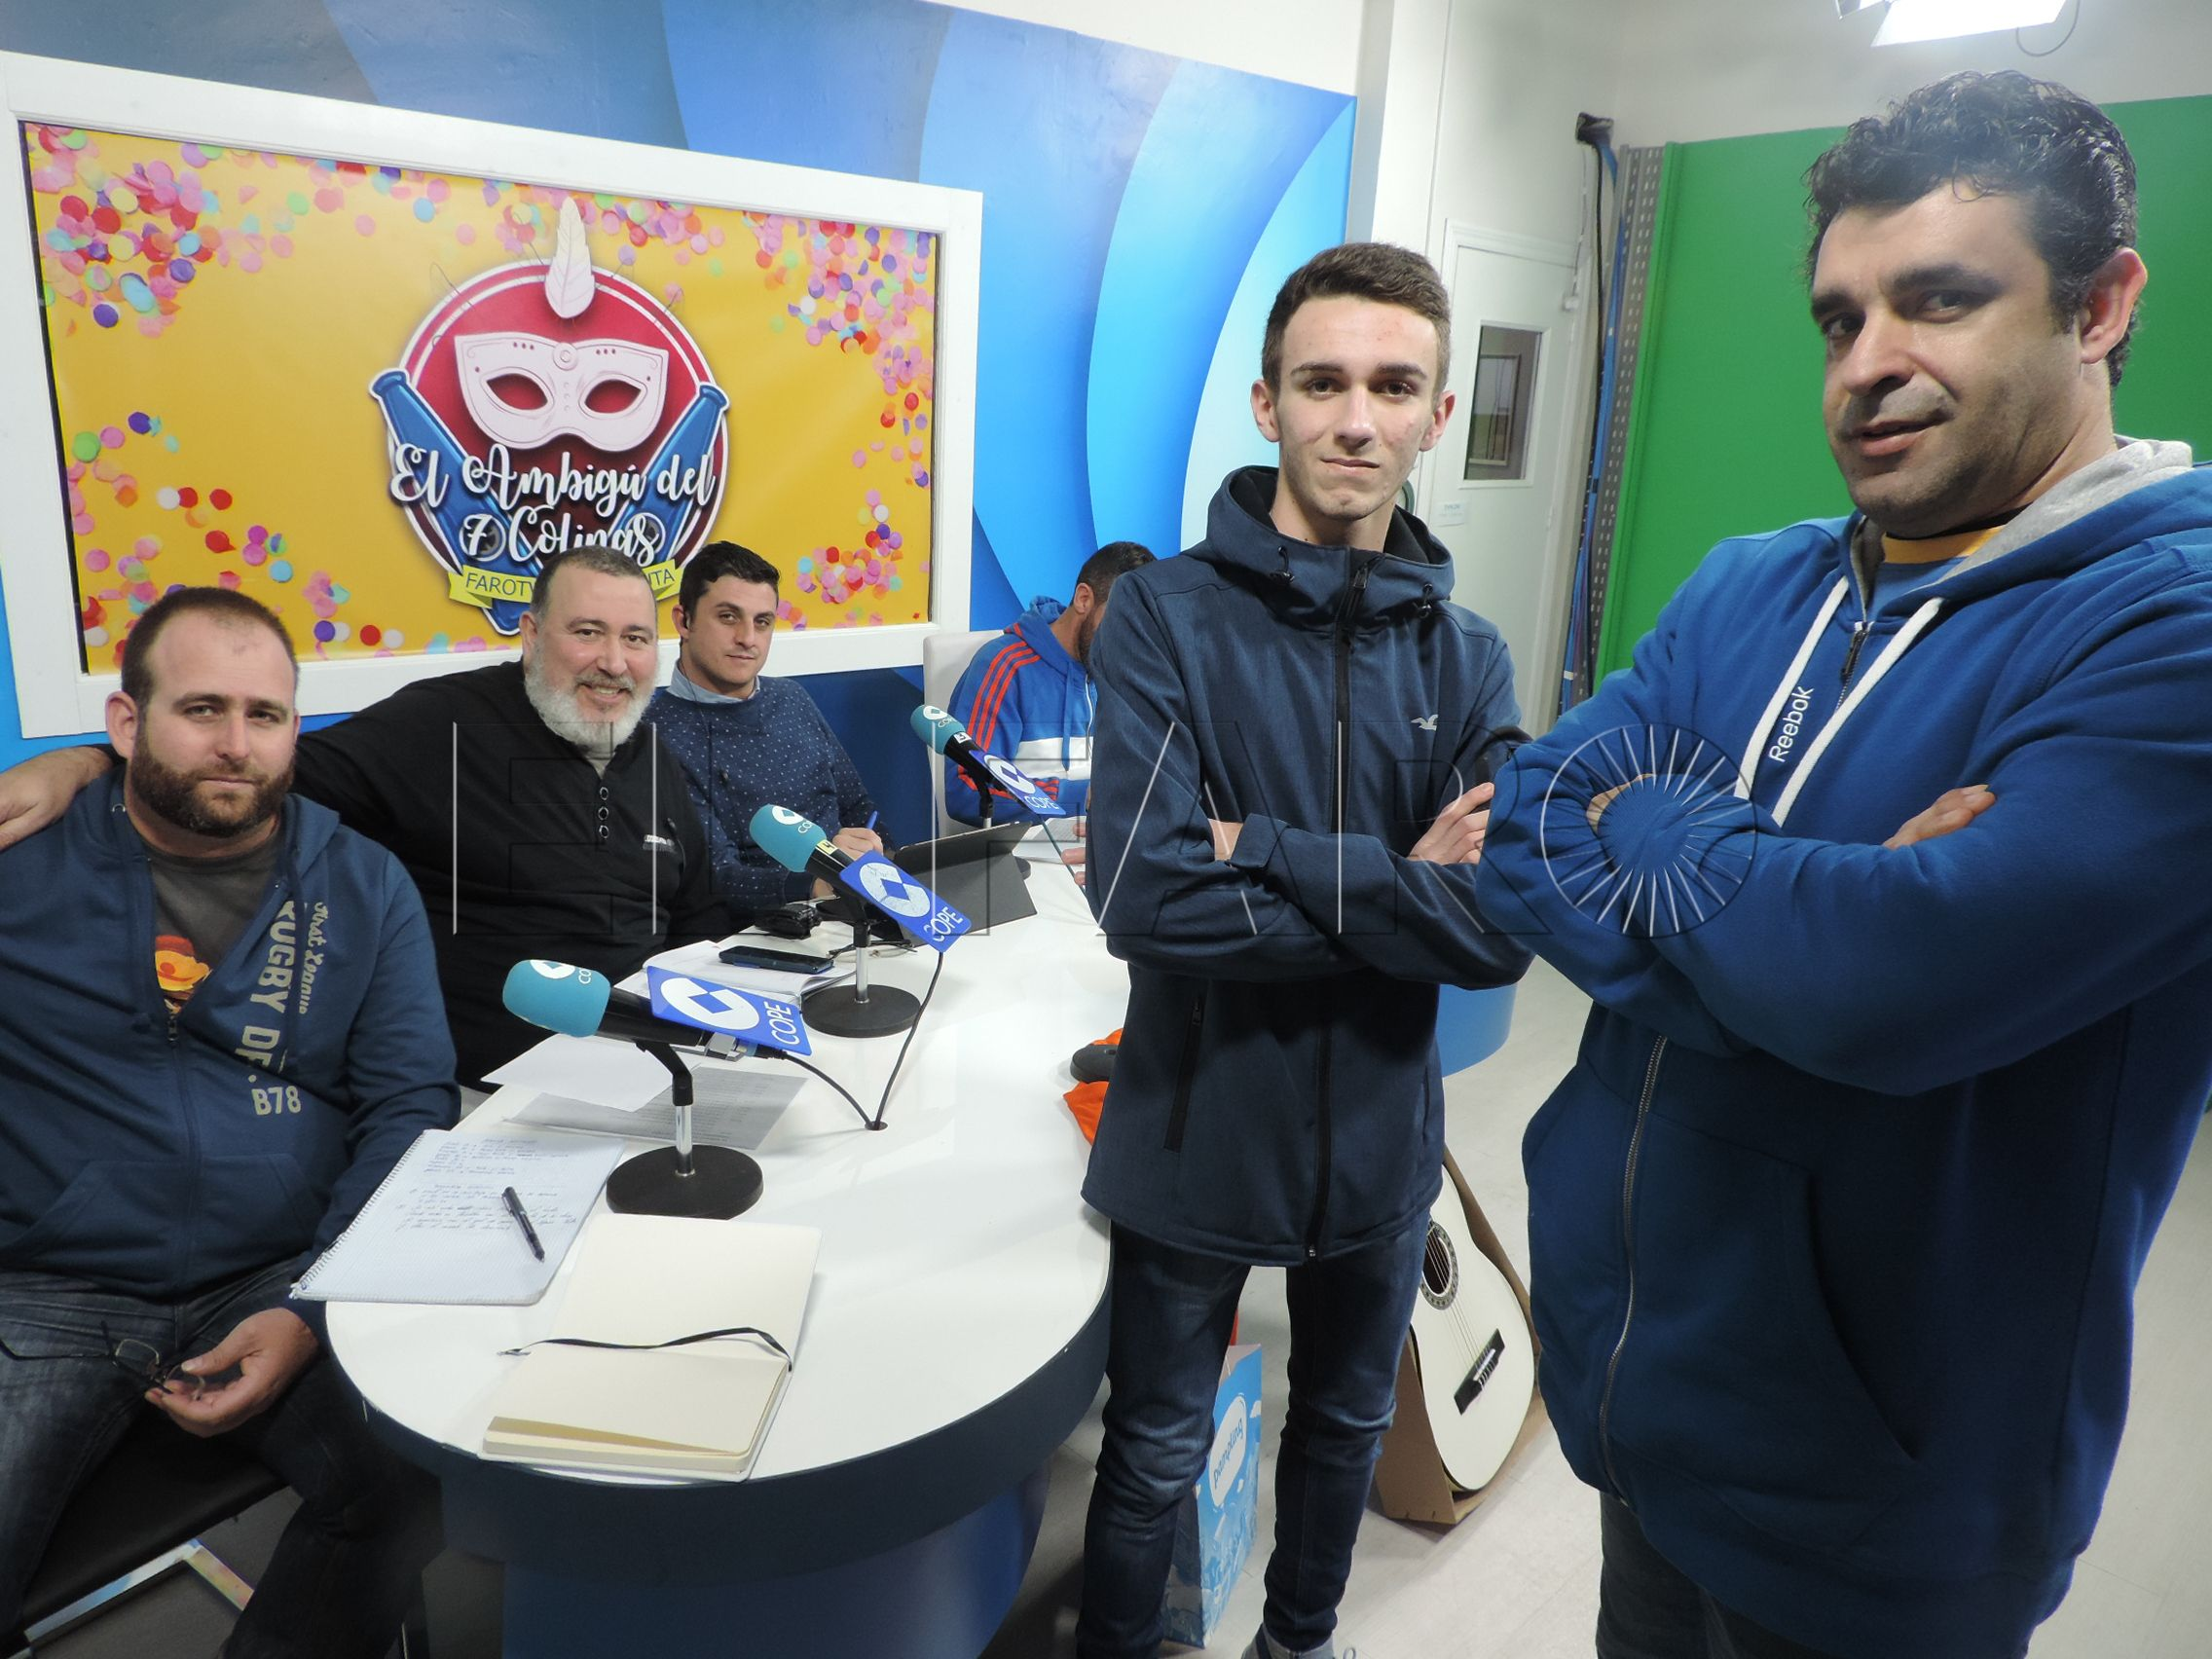 Acuerdo en 'El Ambigú': el Carnaval de Ceuta quiere jugar la 'Champions'